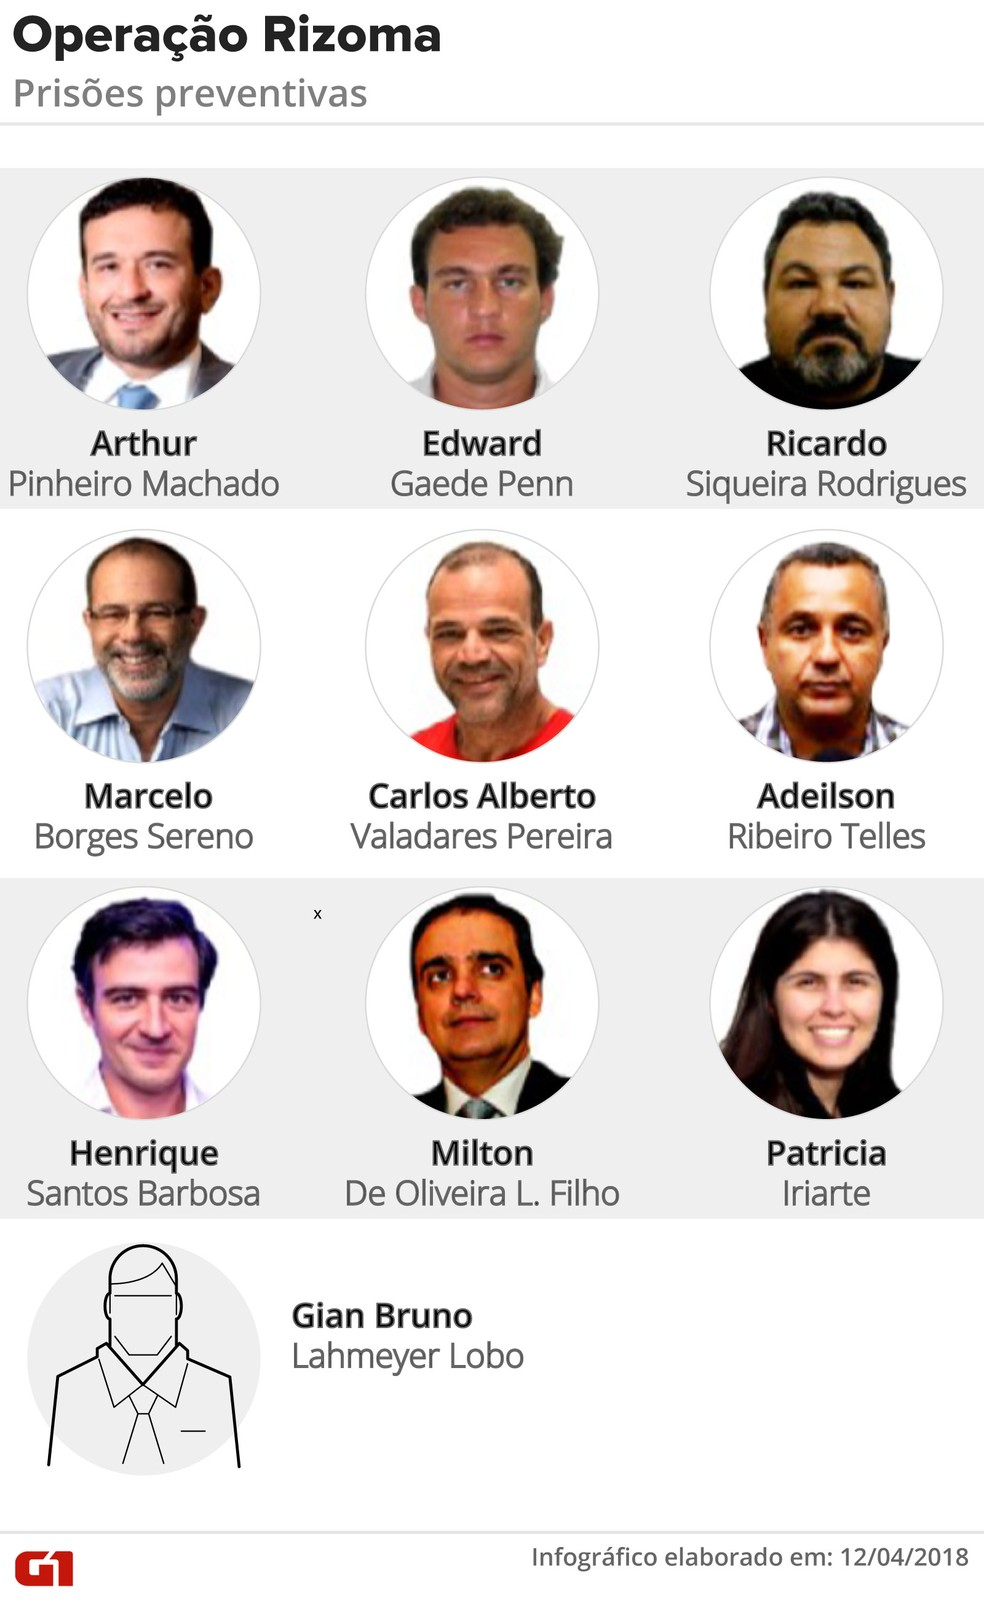 Alvos de prisão preventiva na Operação Rizoma (Foto: Infografia: G1 Rio)